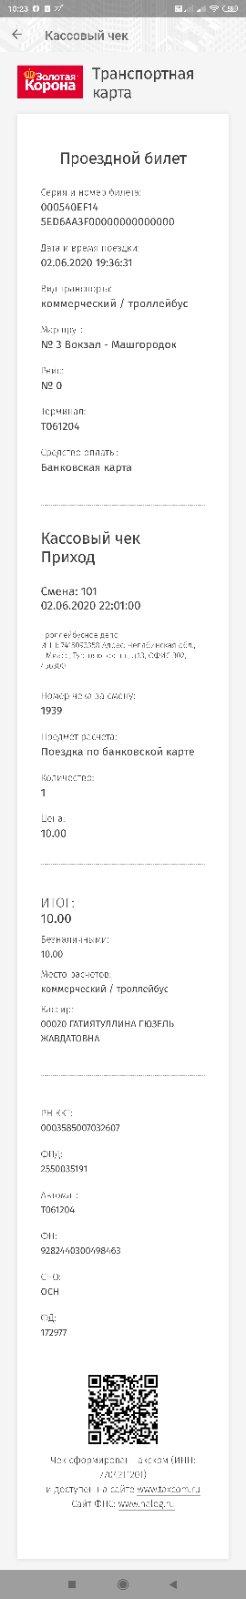 Облачная фискализация Челябинск